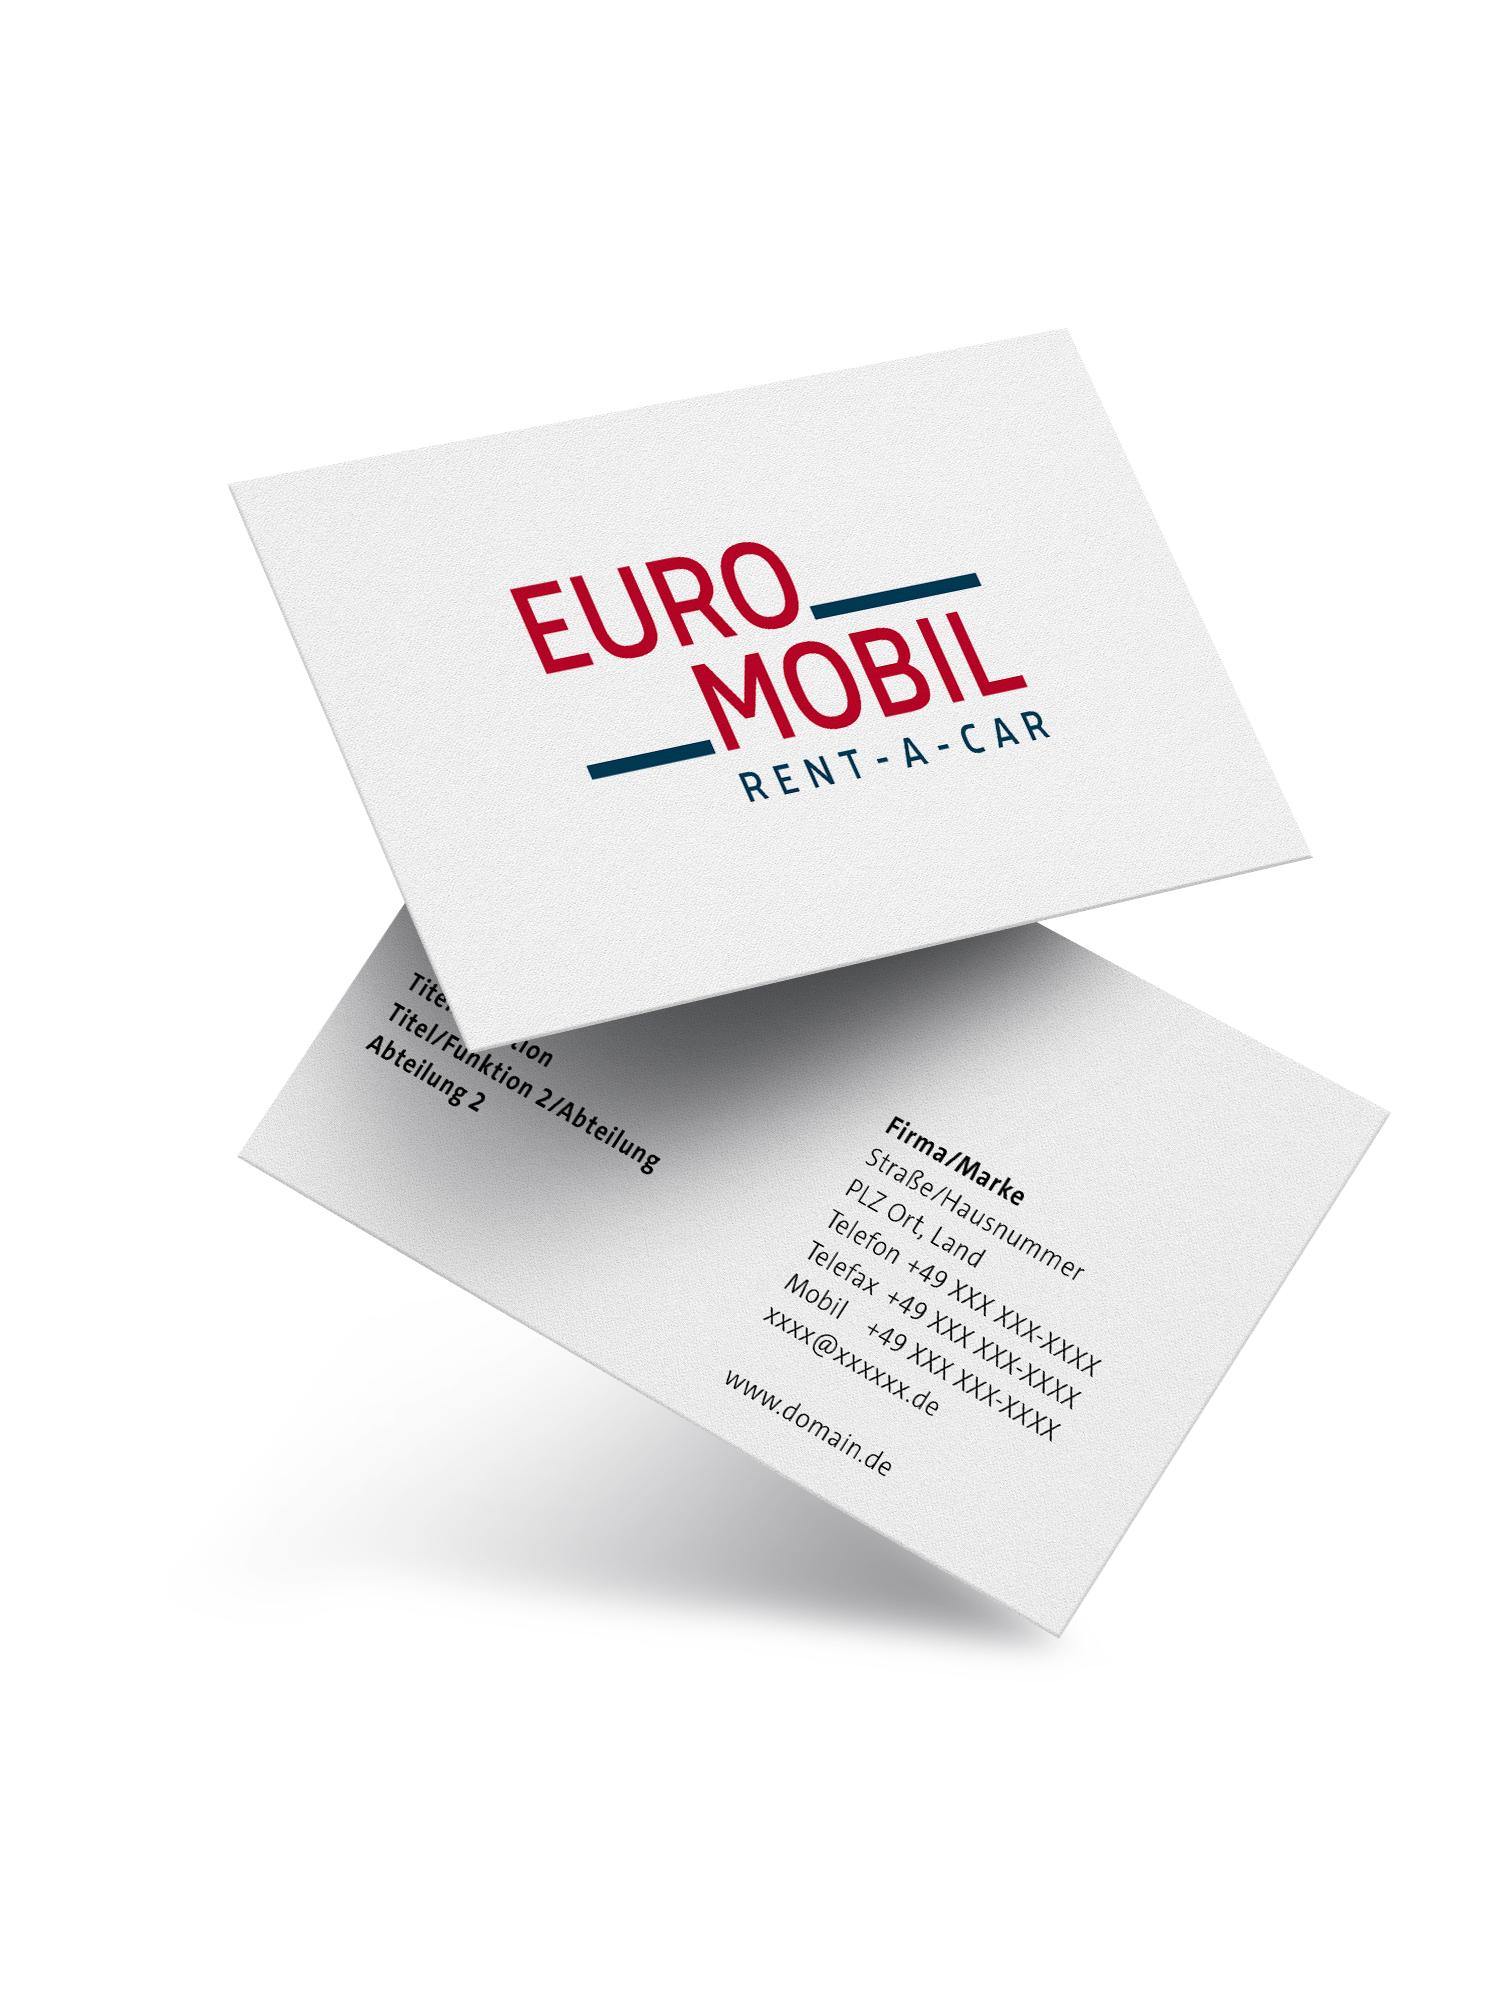 Euromobil Relaunch Visitenkarte